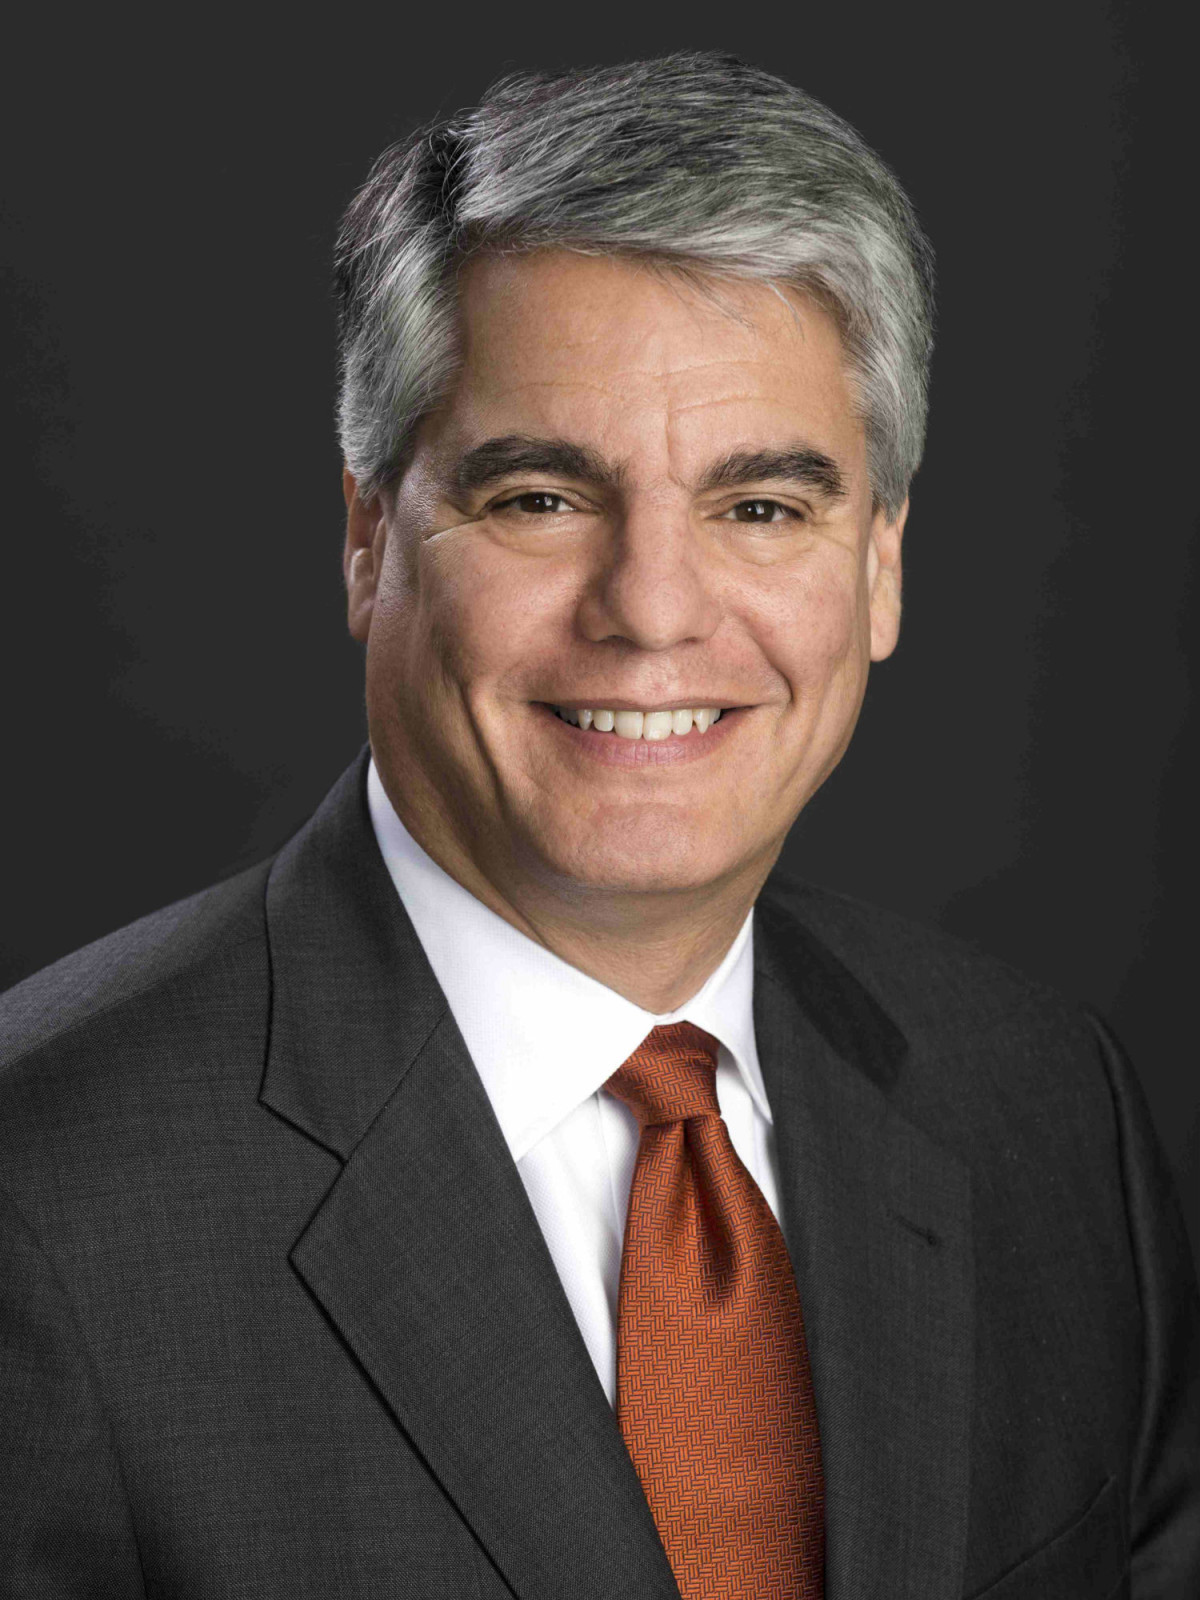 Dr. Gregory L. Fenves